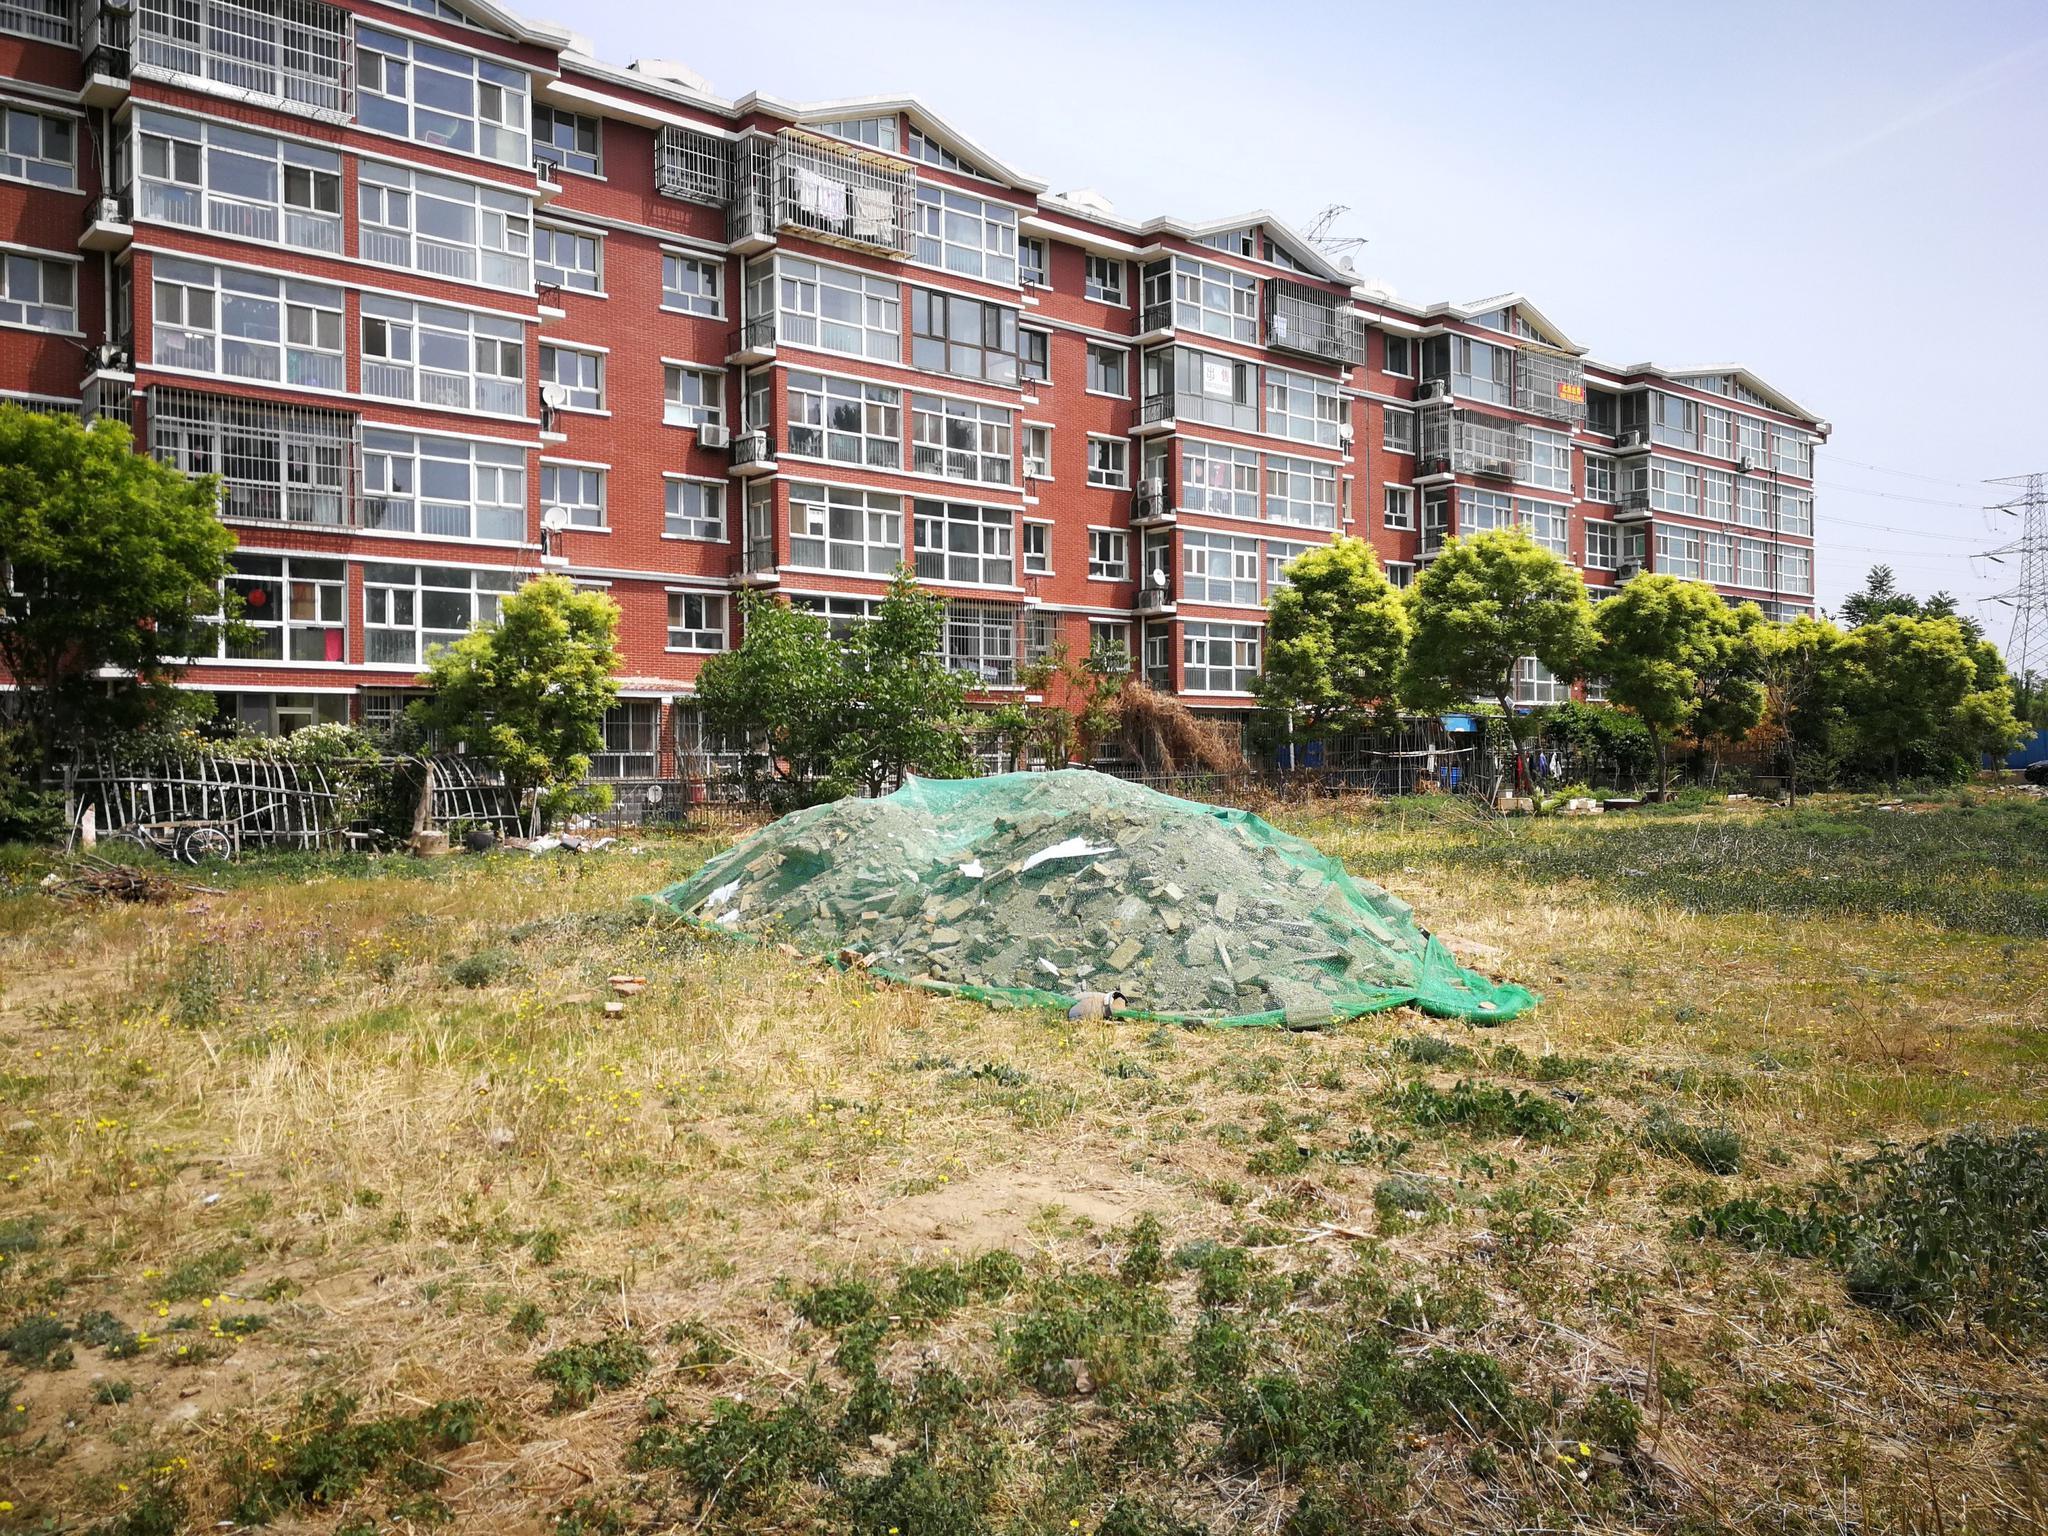 明明没人装修,小区绿地却常现大量建筑垃圾,实在诡异!